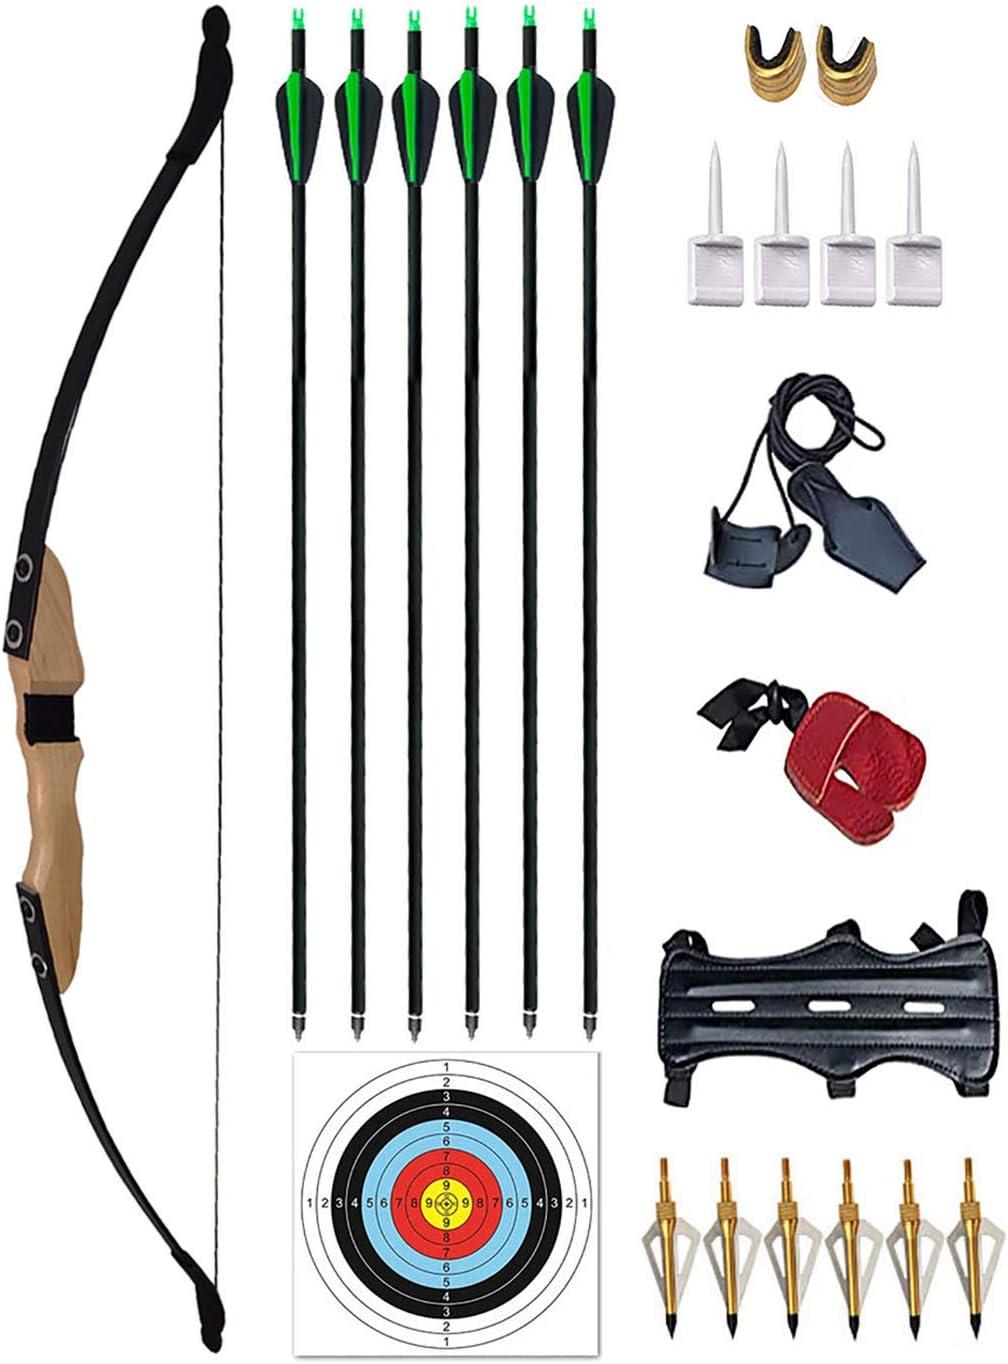 Vogbel Archery Takedown 数量限定 100%品質保証! Recurve Bow and Righ 30lb Set Arrow 40lb